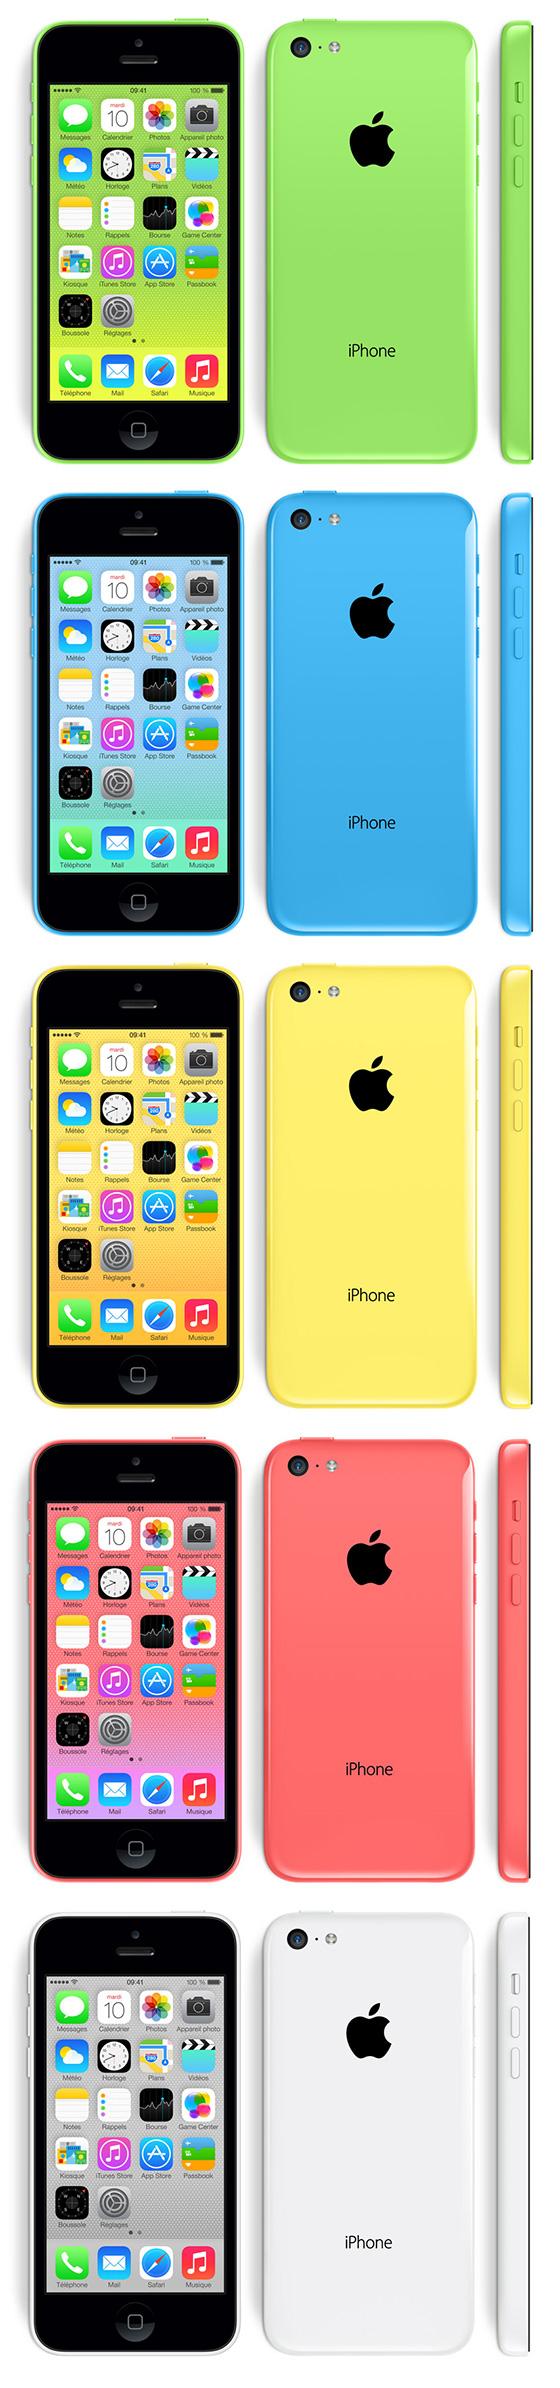 Какие цвета есть в айфоне 5s